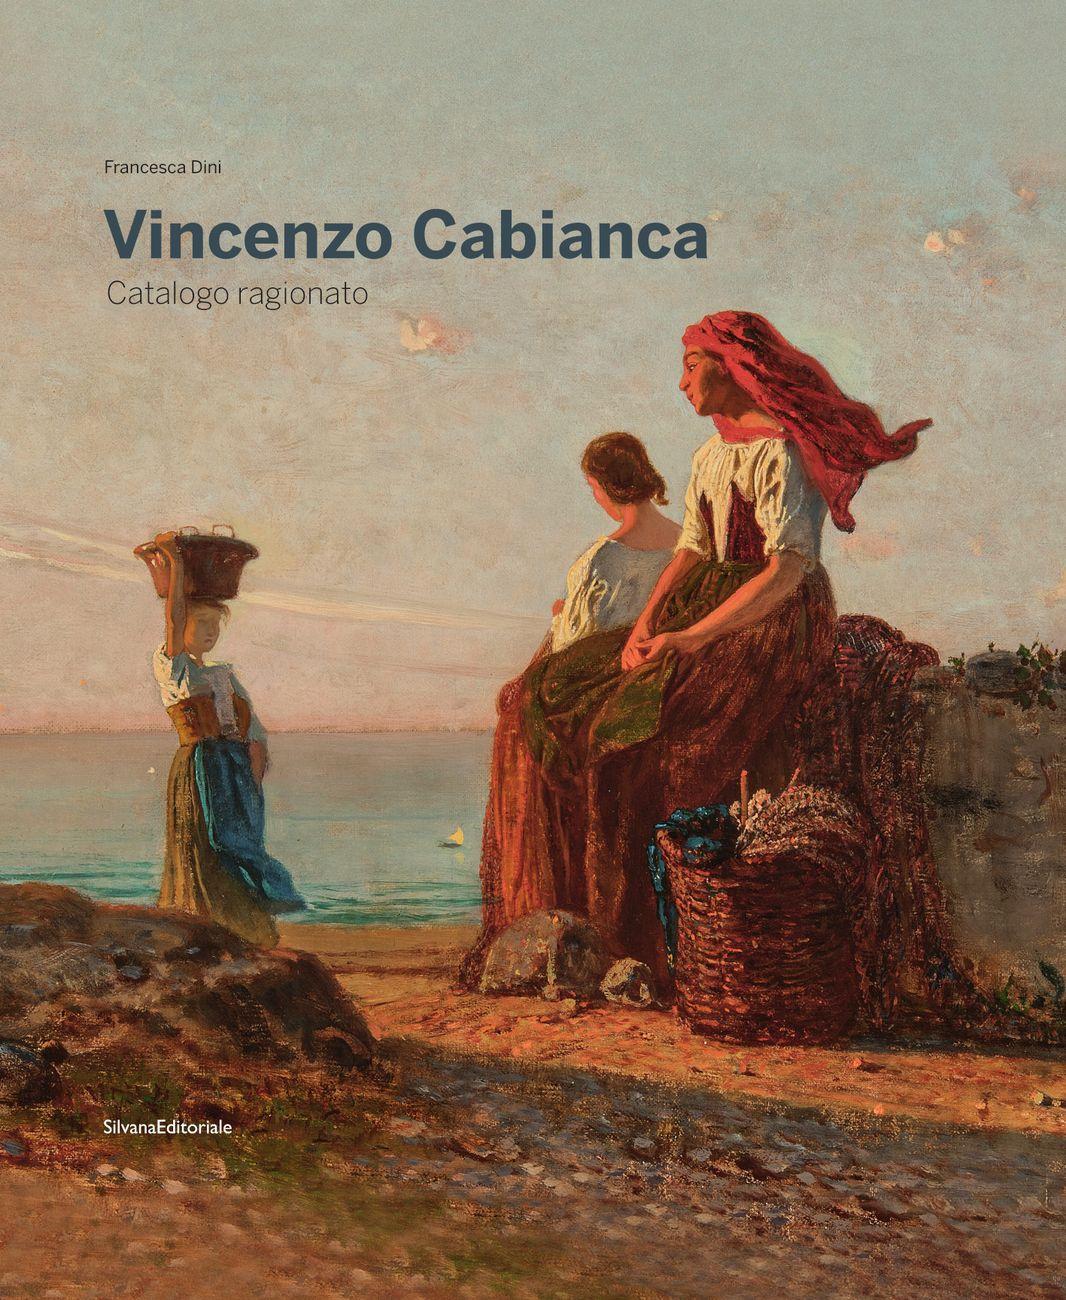 Francesca Dini (a cura di) – Vincenzo Cabianca. Catalogo ragionato (Silvana Editoriale, Cinisello Balsamo 2020)